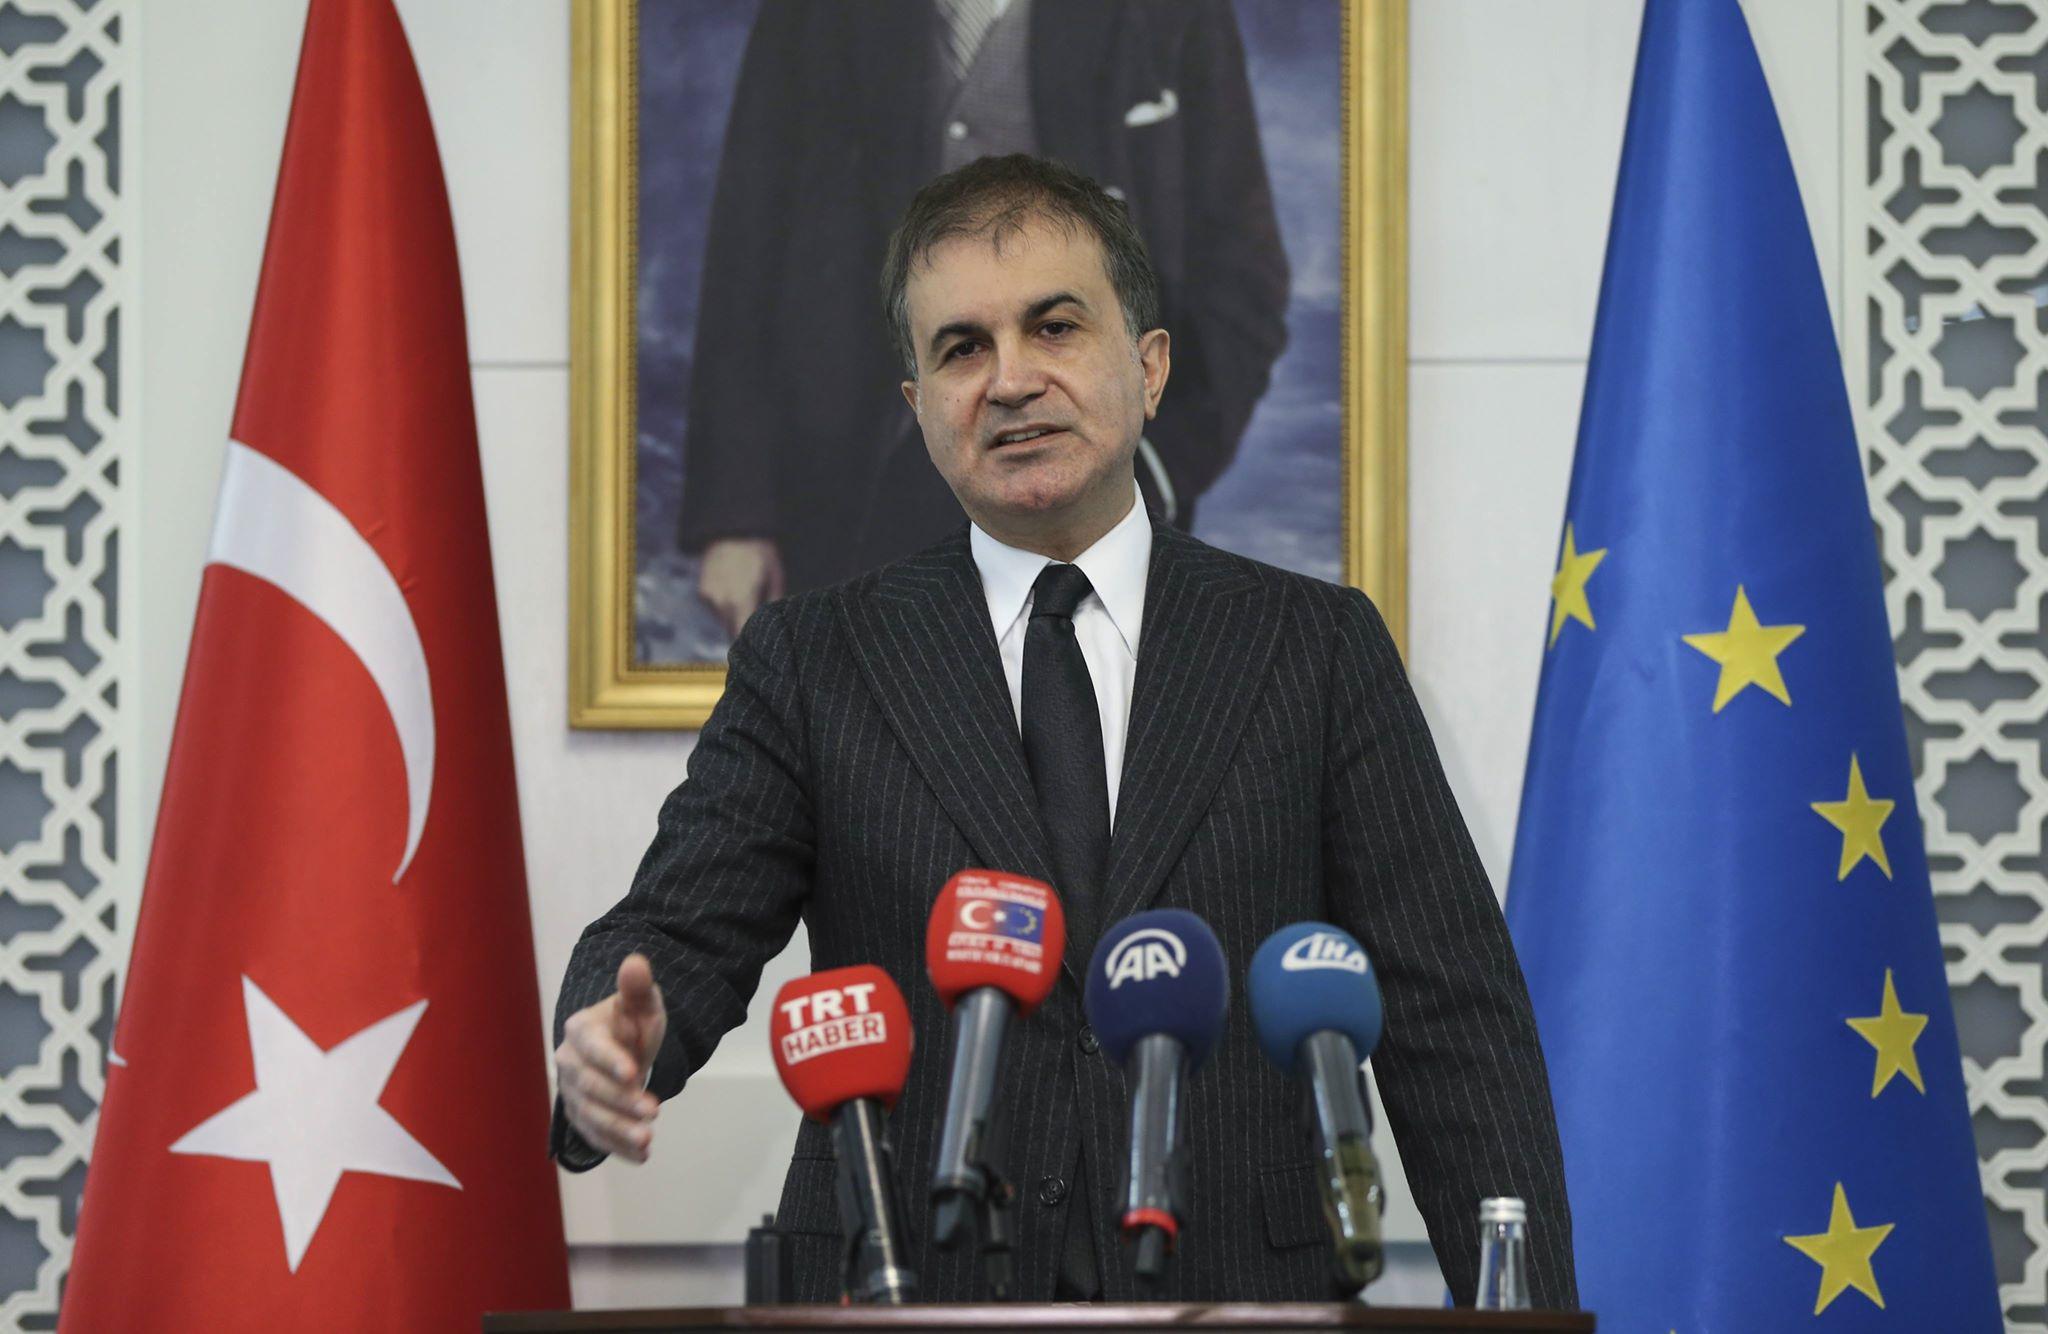 عاجل: بيان لحزب العدالة والتنمية التركي الحاكم حول شمال سوريا